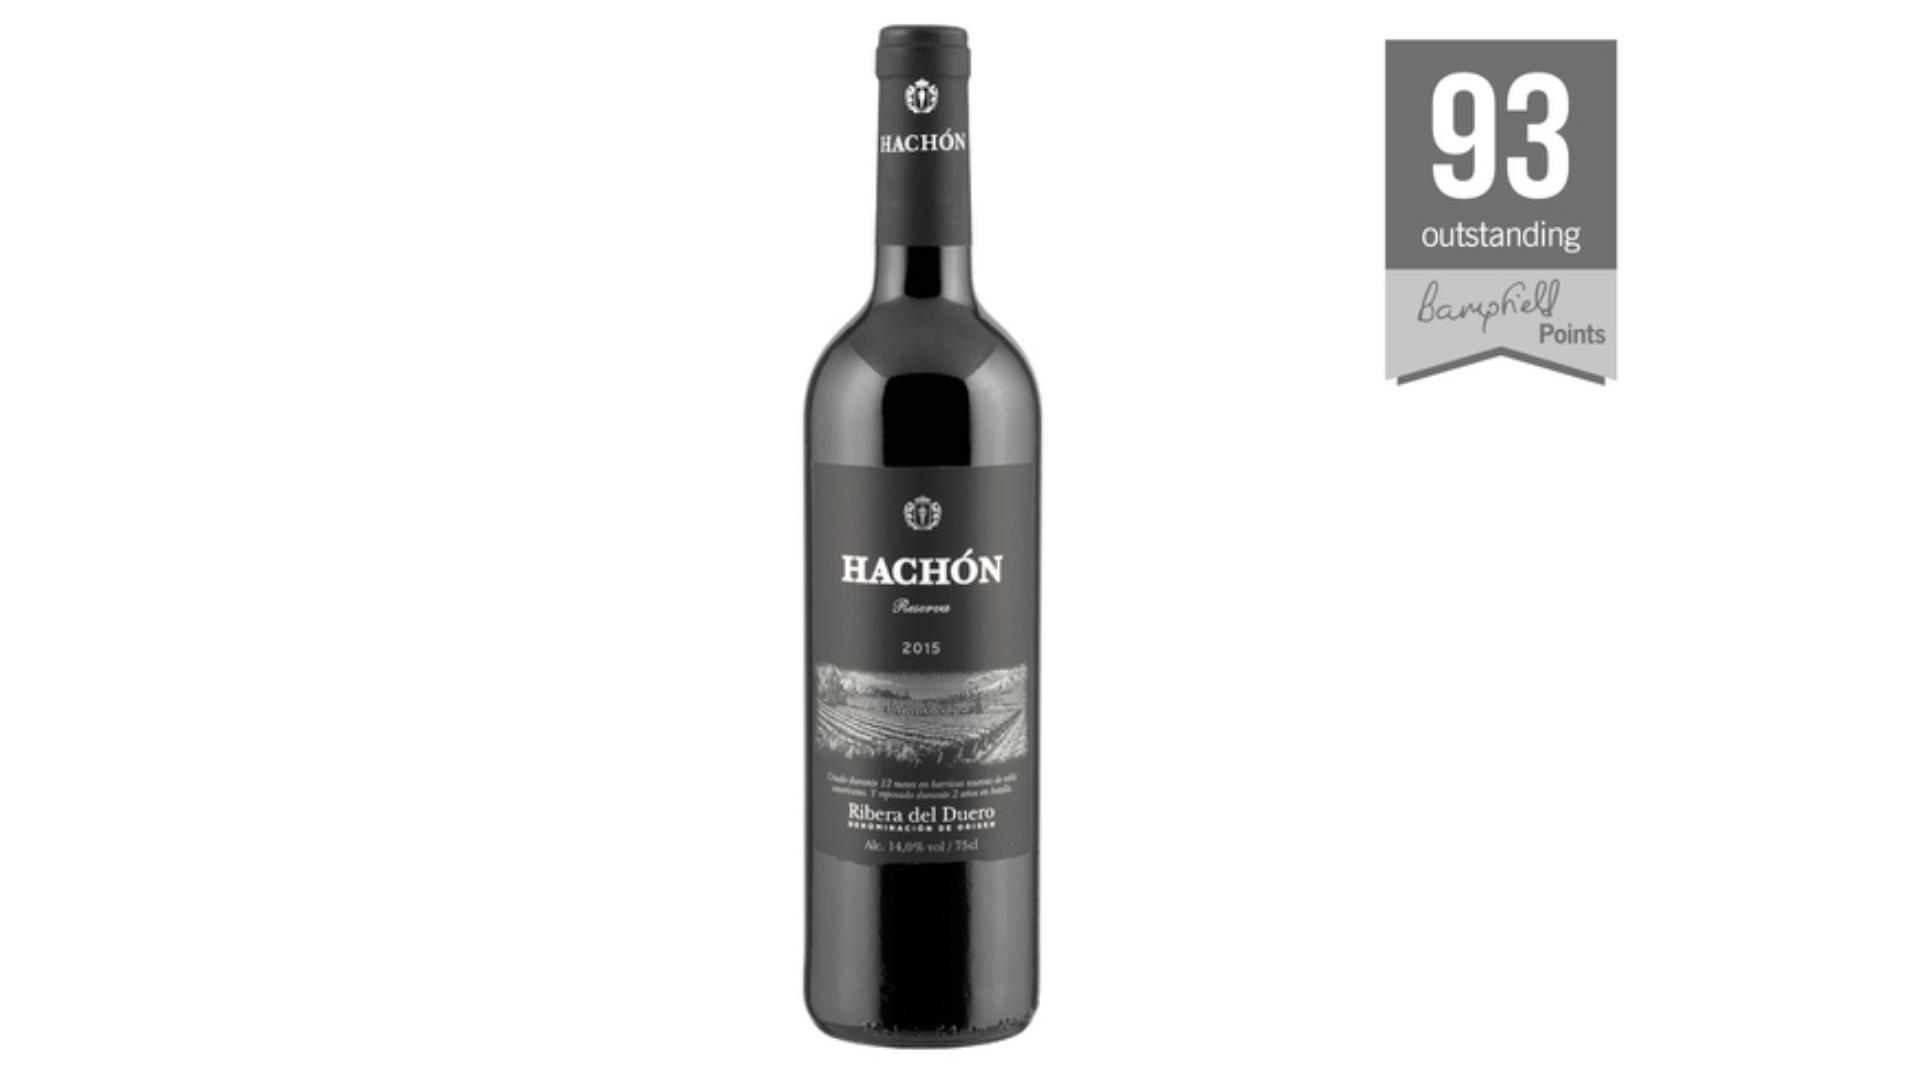 une bouteille de Hachón Ribera del Duero